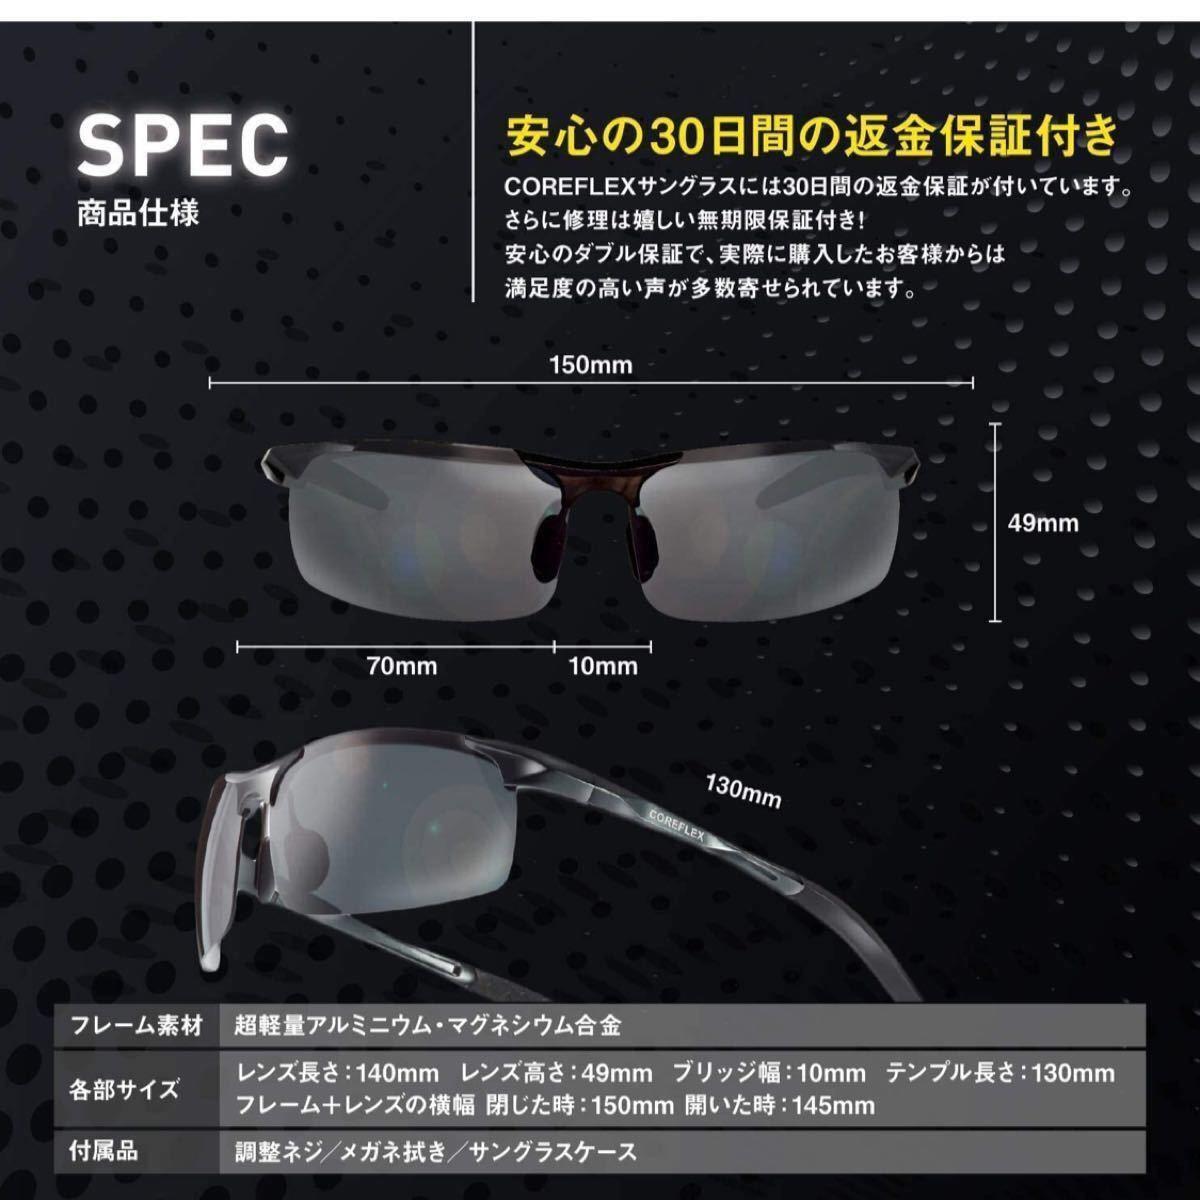 スポーツサングラス 偏光レンズ 超軽量・UV400・紫外線カット ランニング